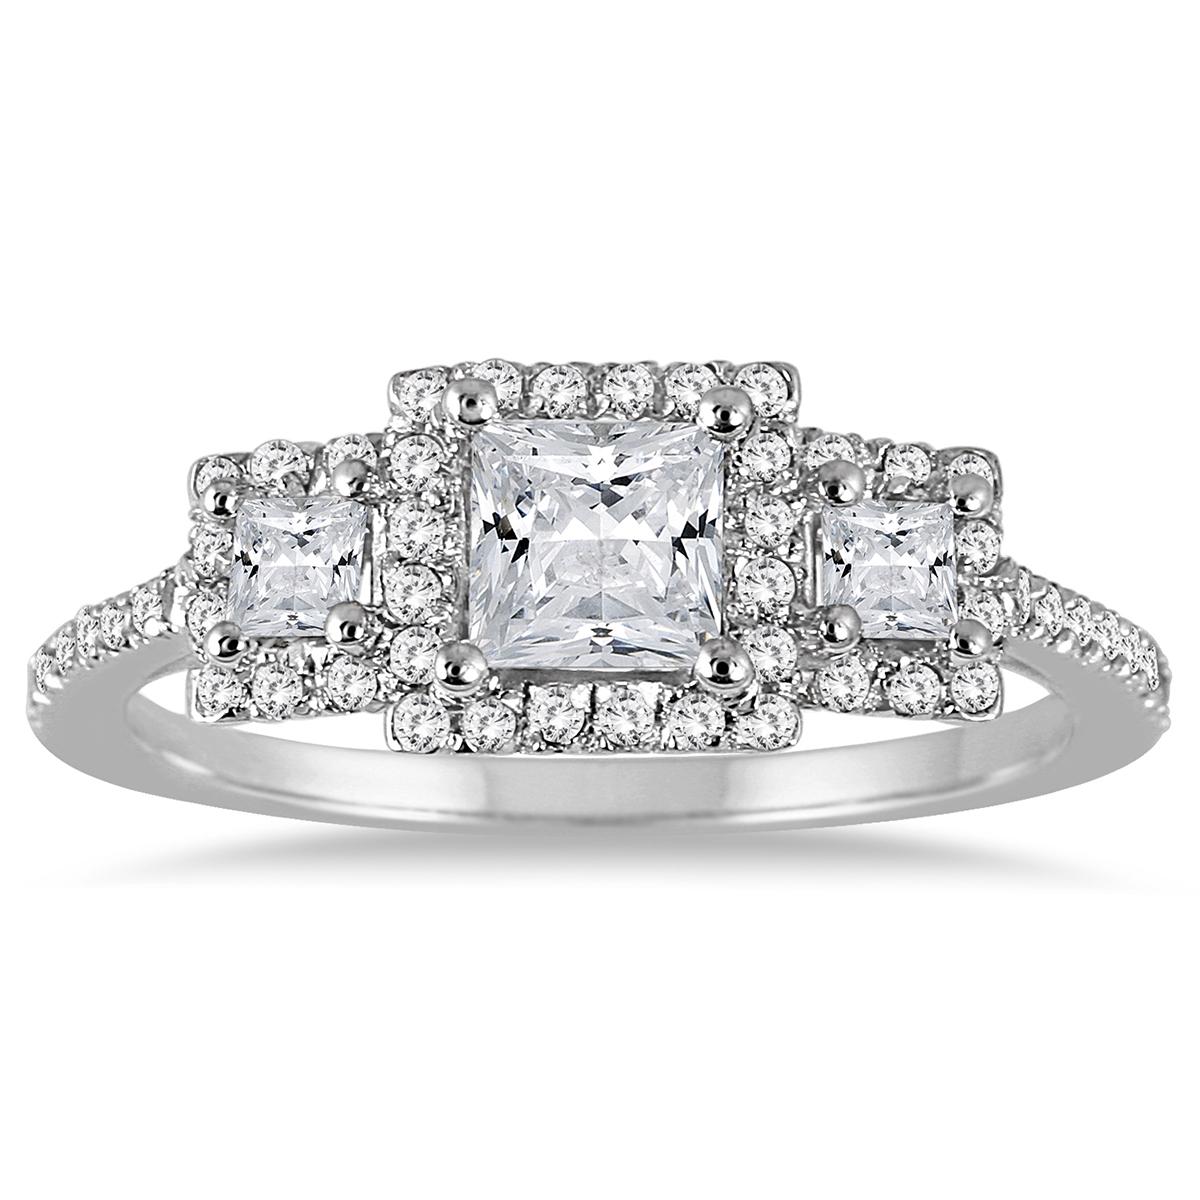 1 Carat TW Princess Diamond Three Stone